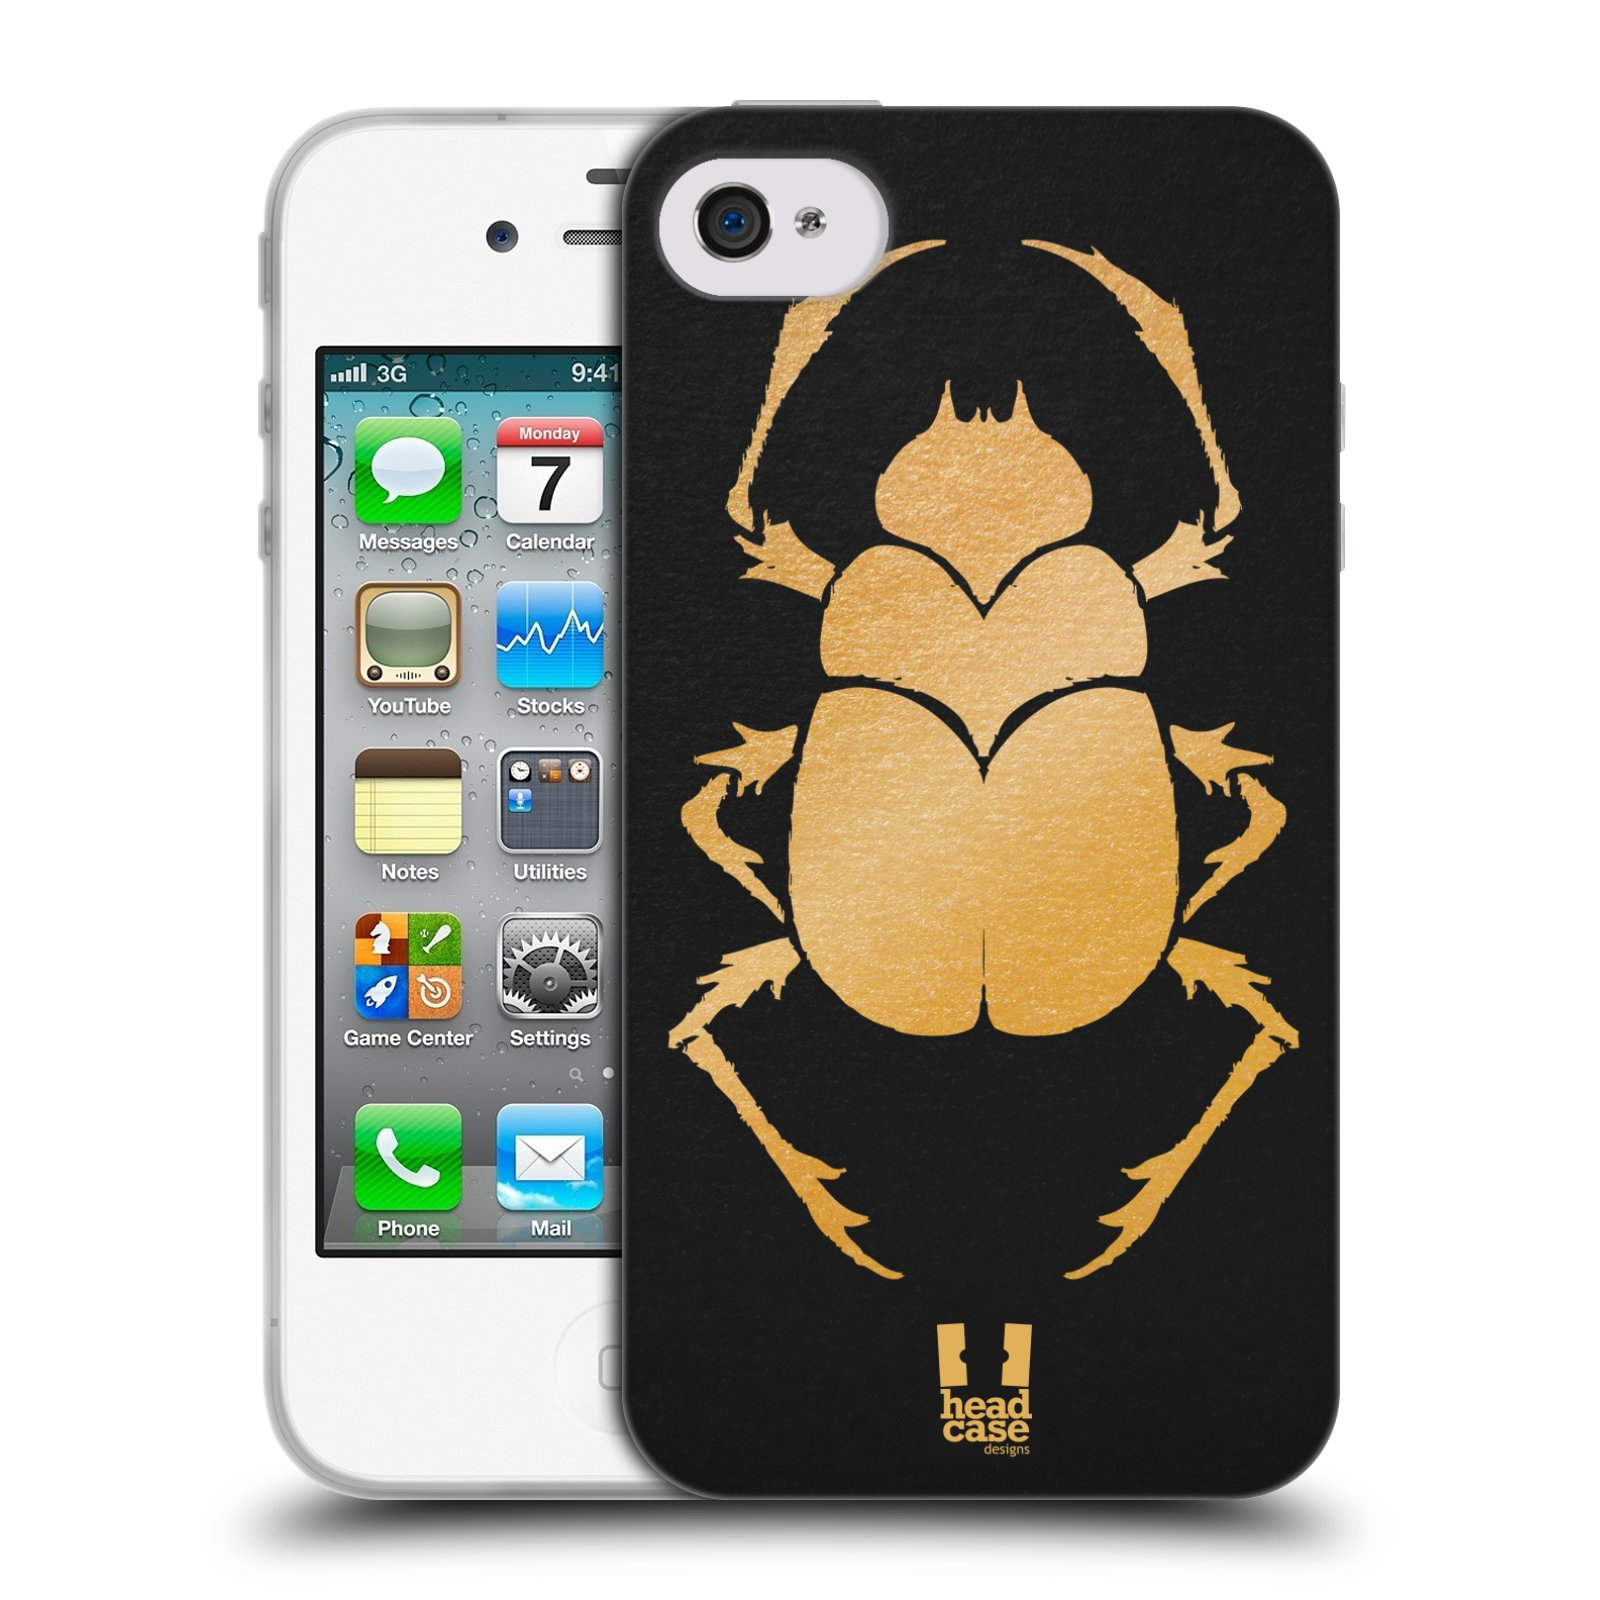 HEAD CASE silikonový obal na mobil Apple Iphone 4/4S vzor EGYPT zlatá a černá BROUK SKARAB